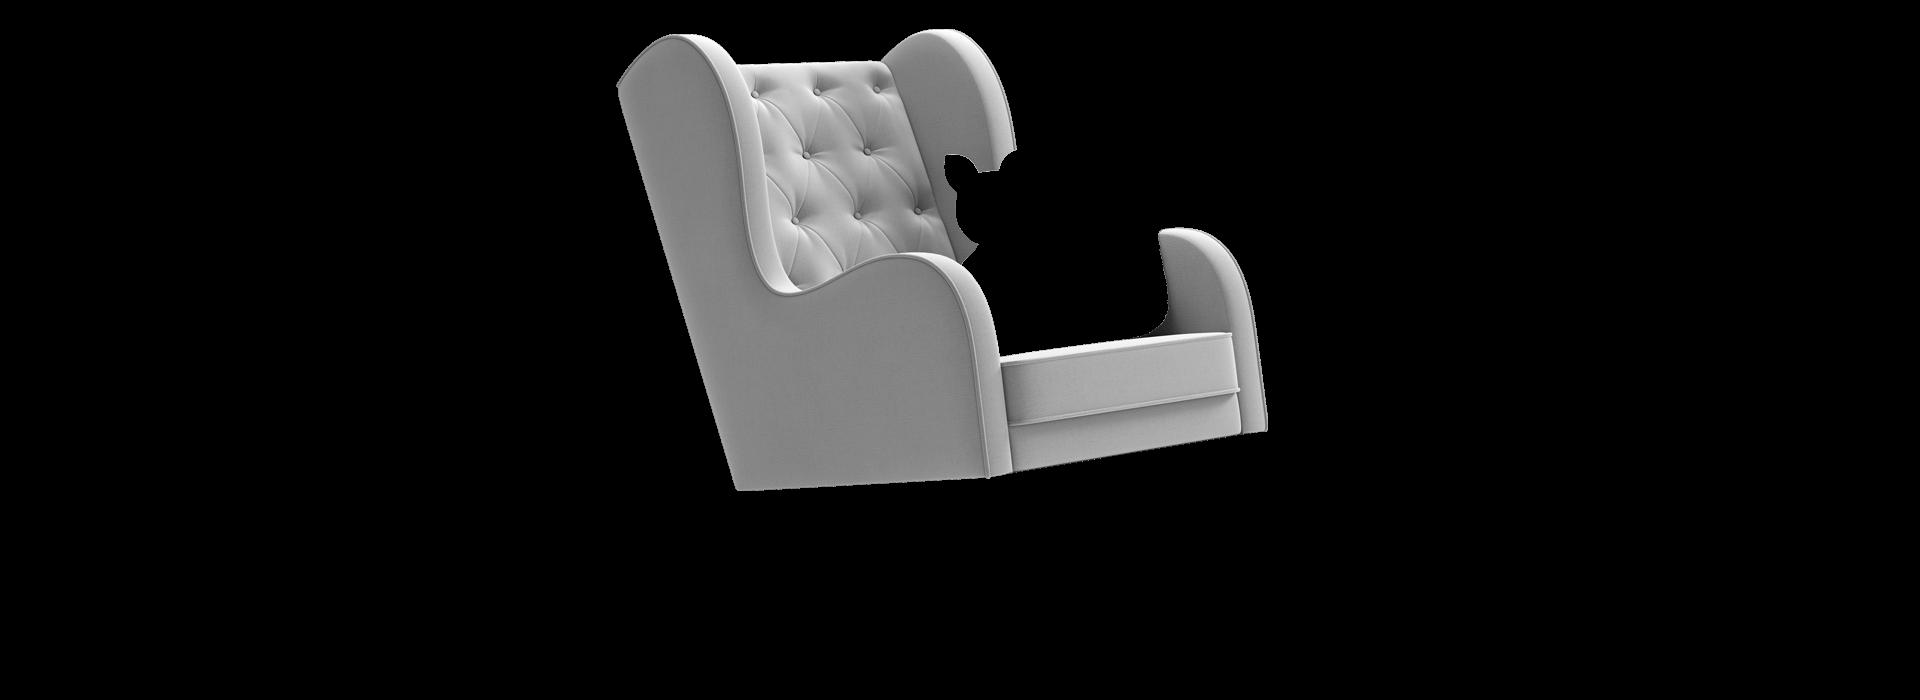 Майа A кресло-качалка - маска 1